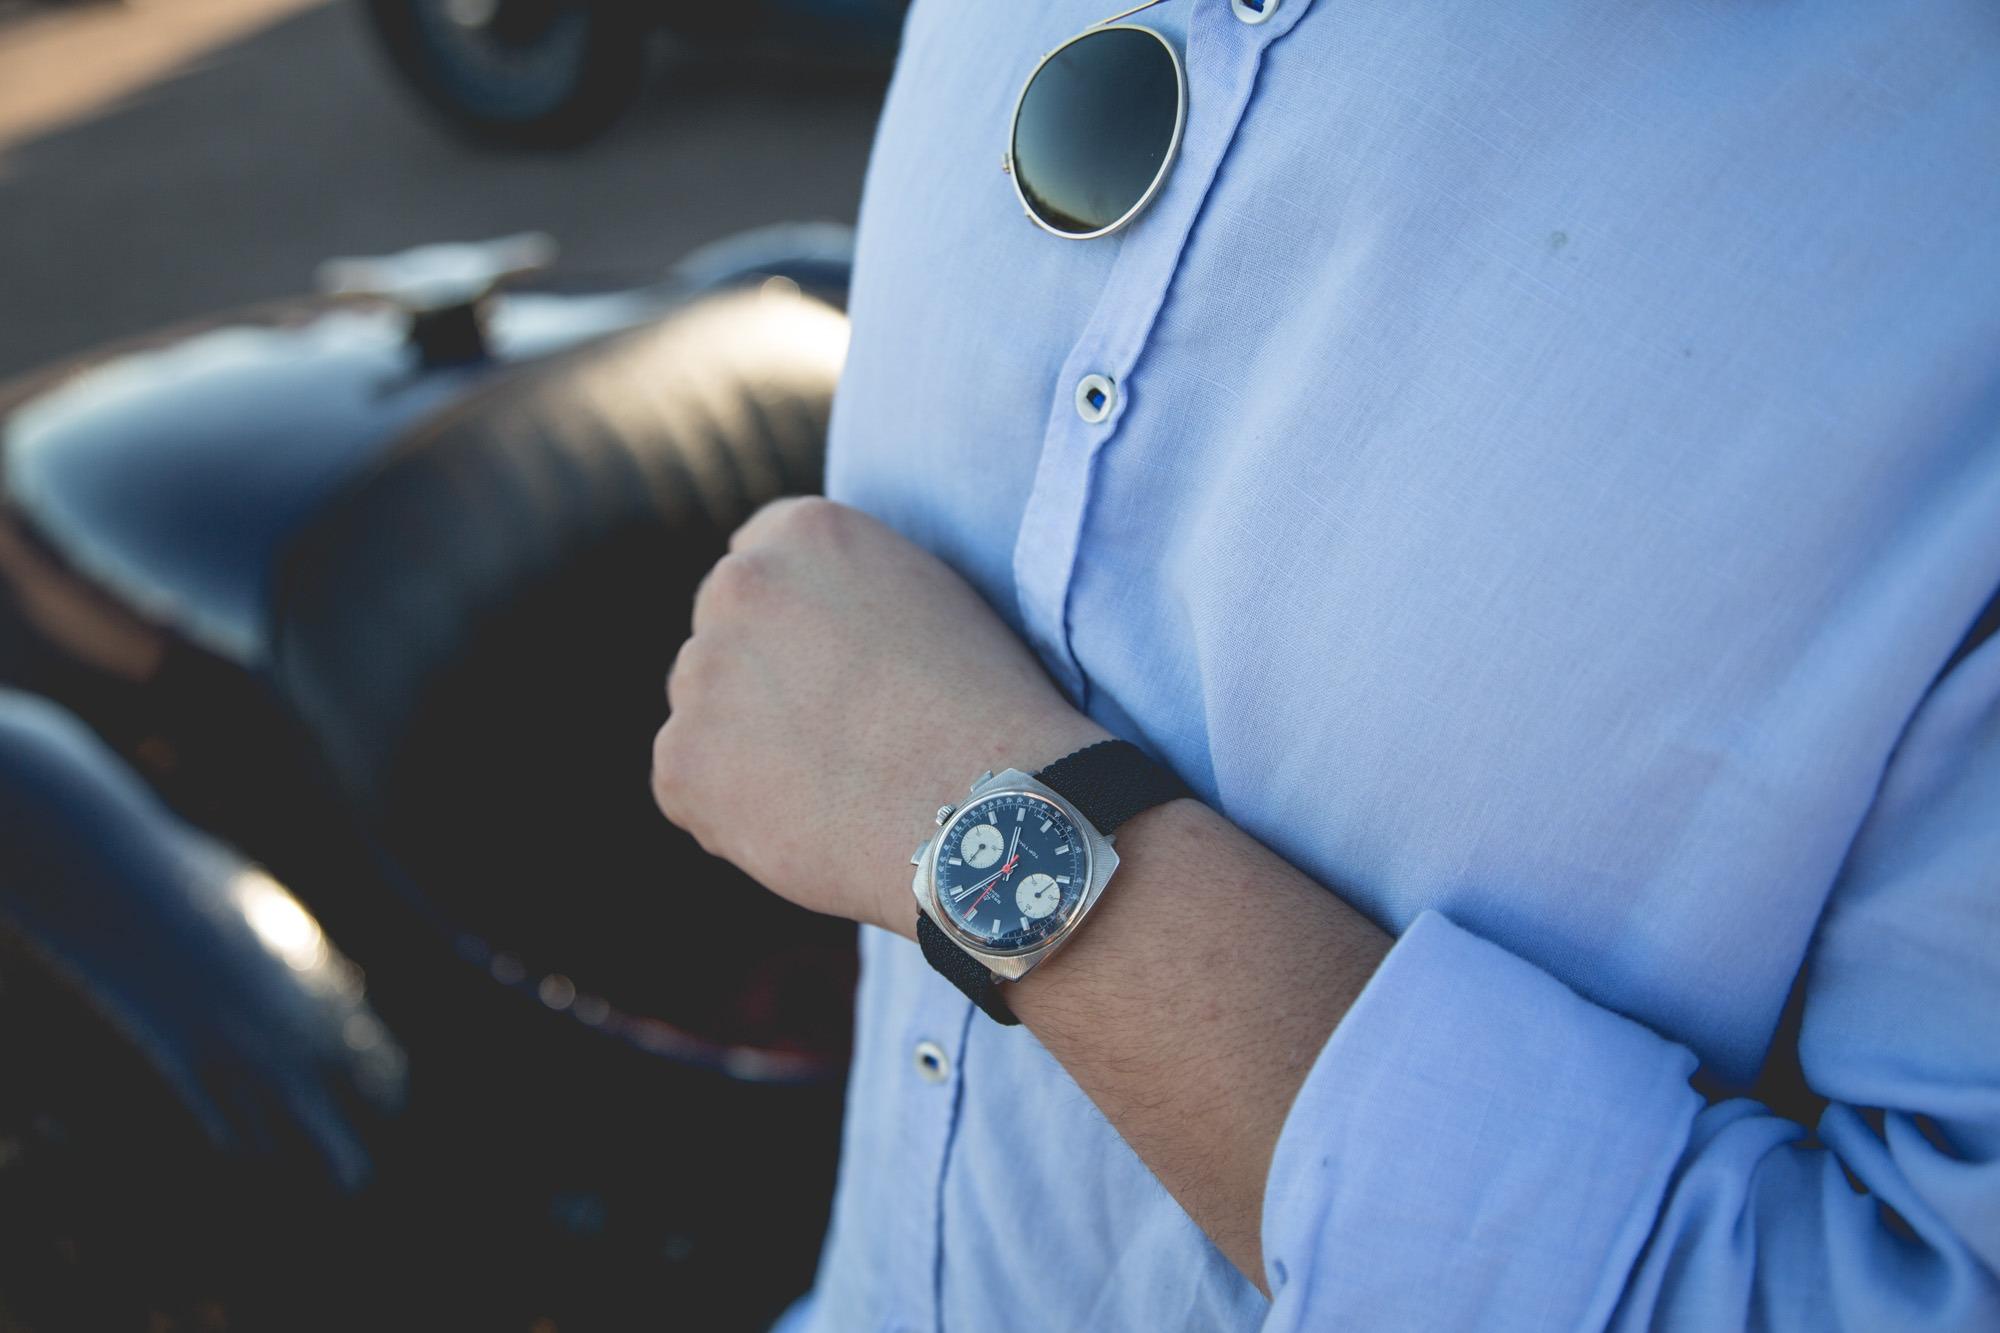 Journées d'Automne et watch-spotting - Breitling Top-Time